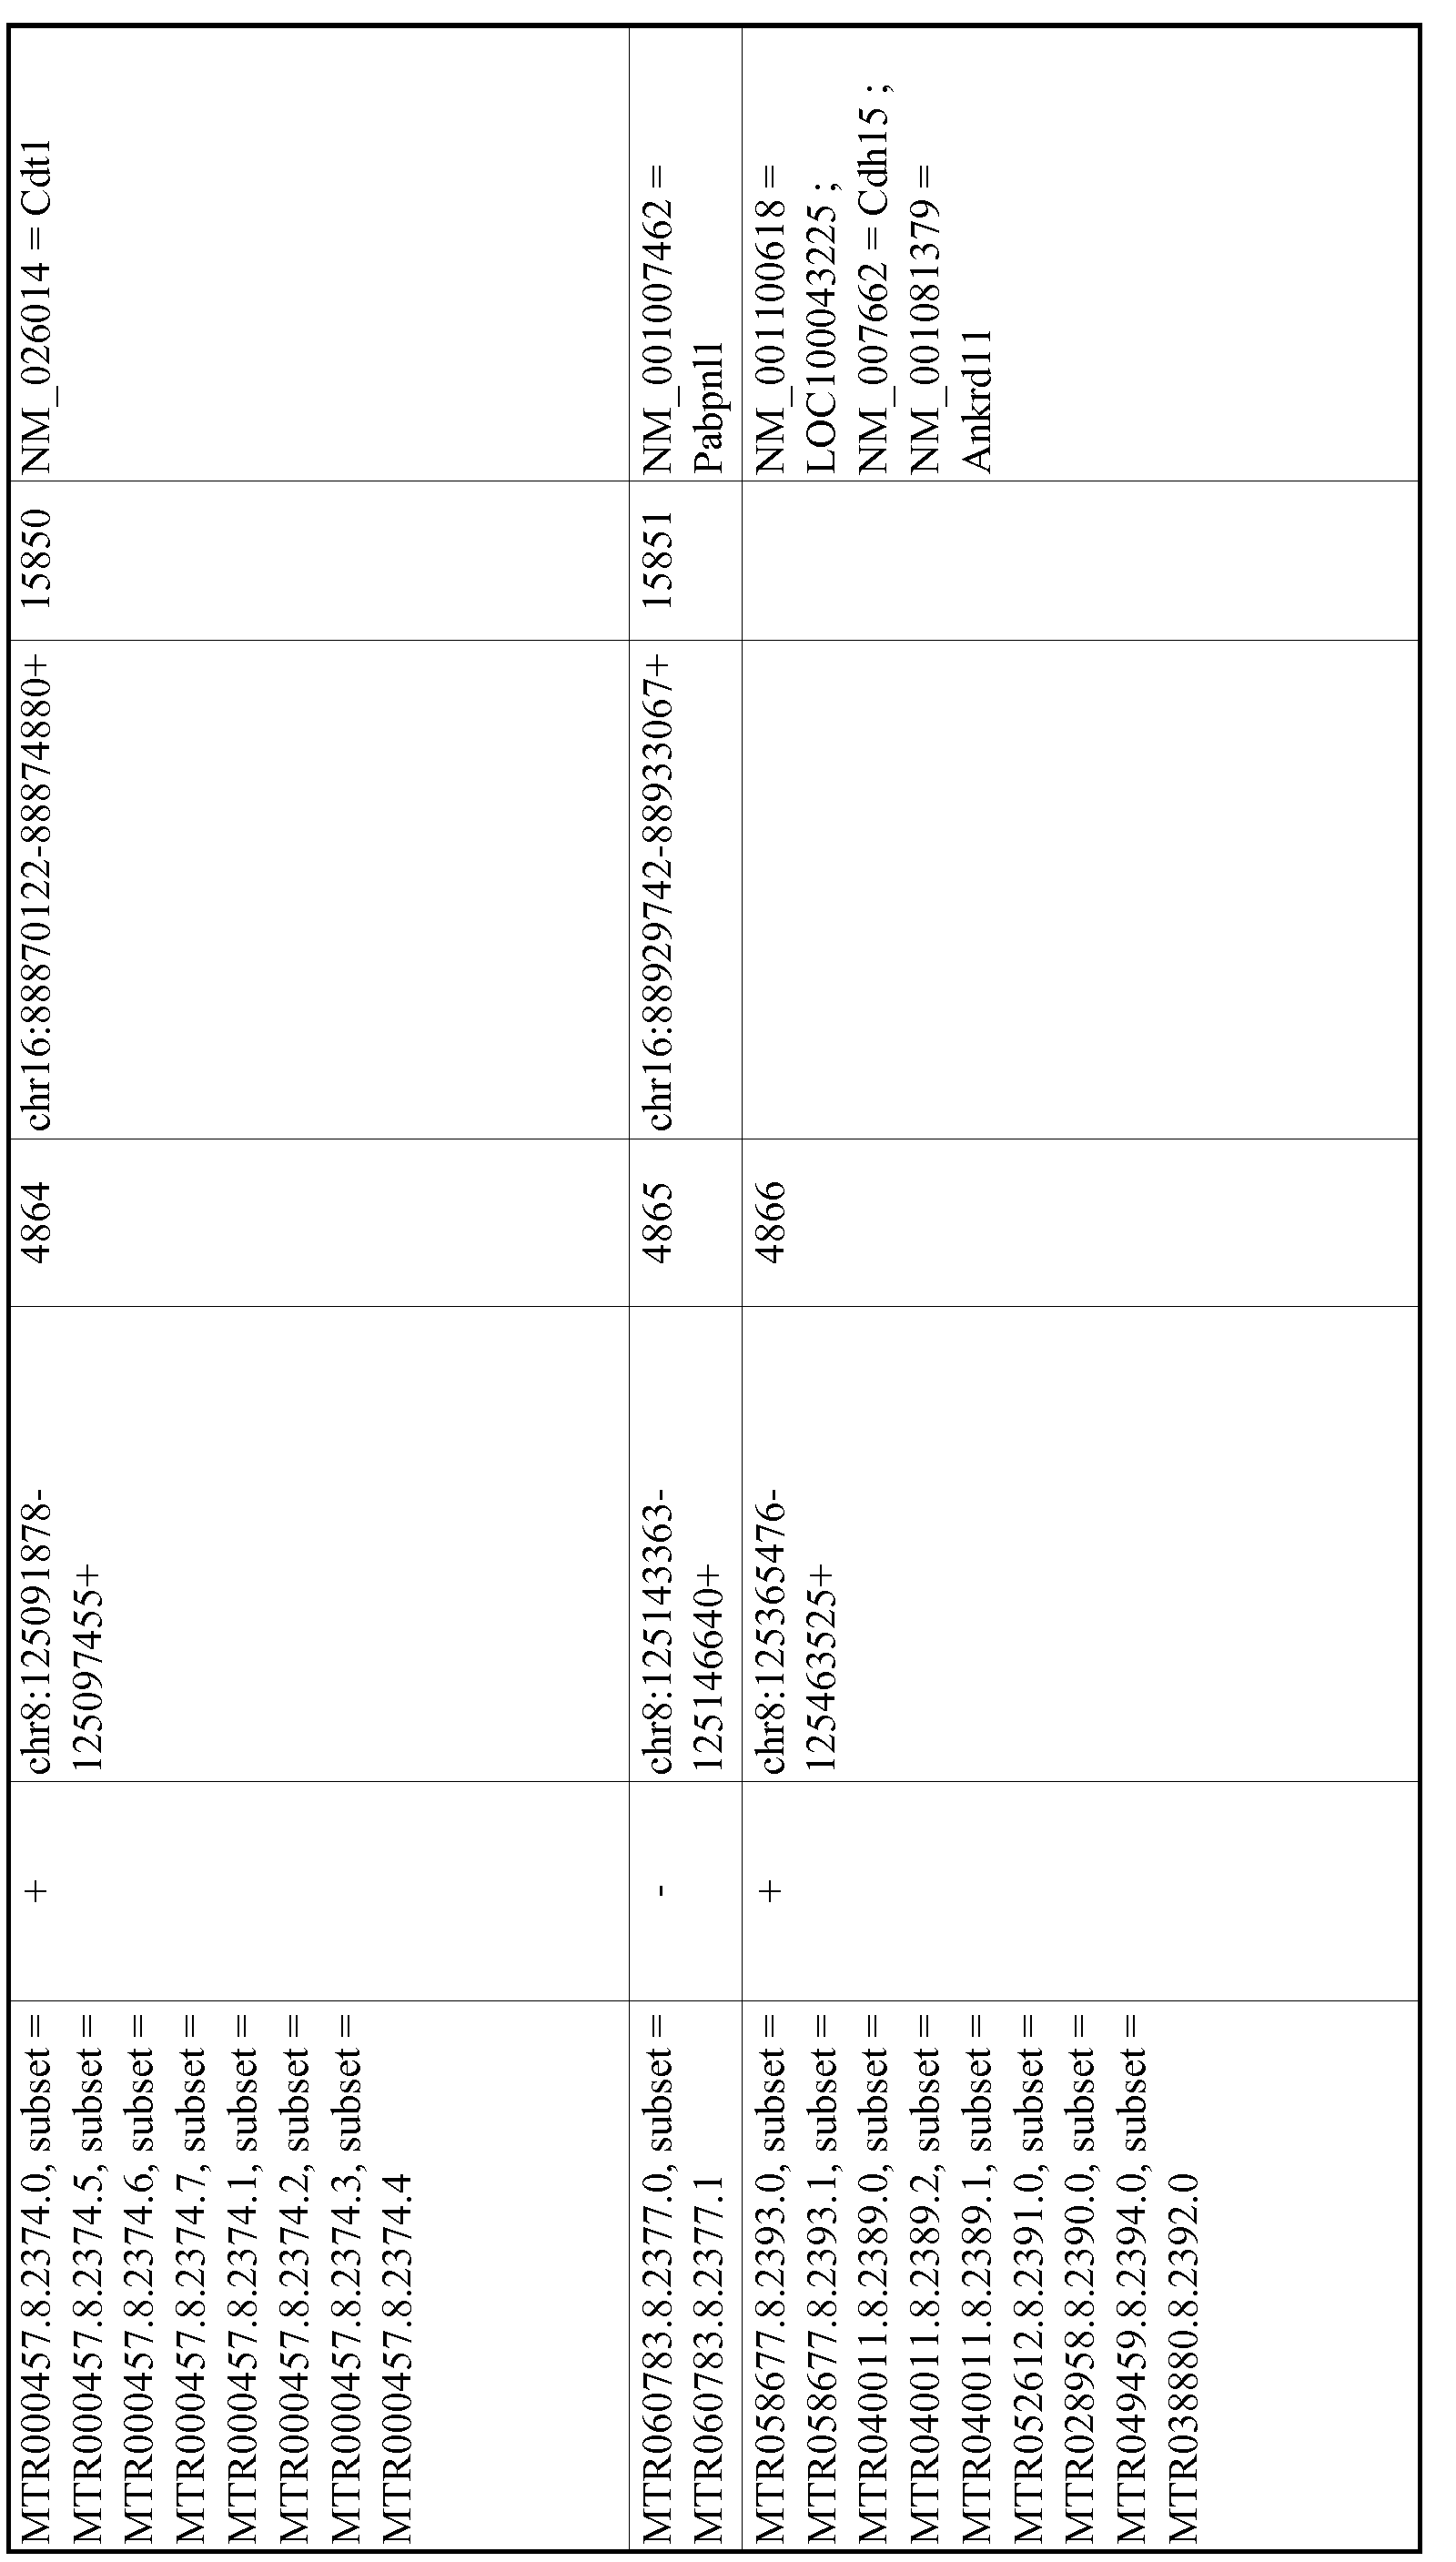 Figure imgf000899_0001